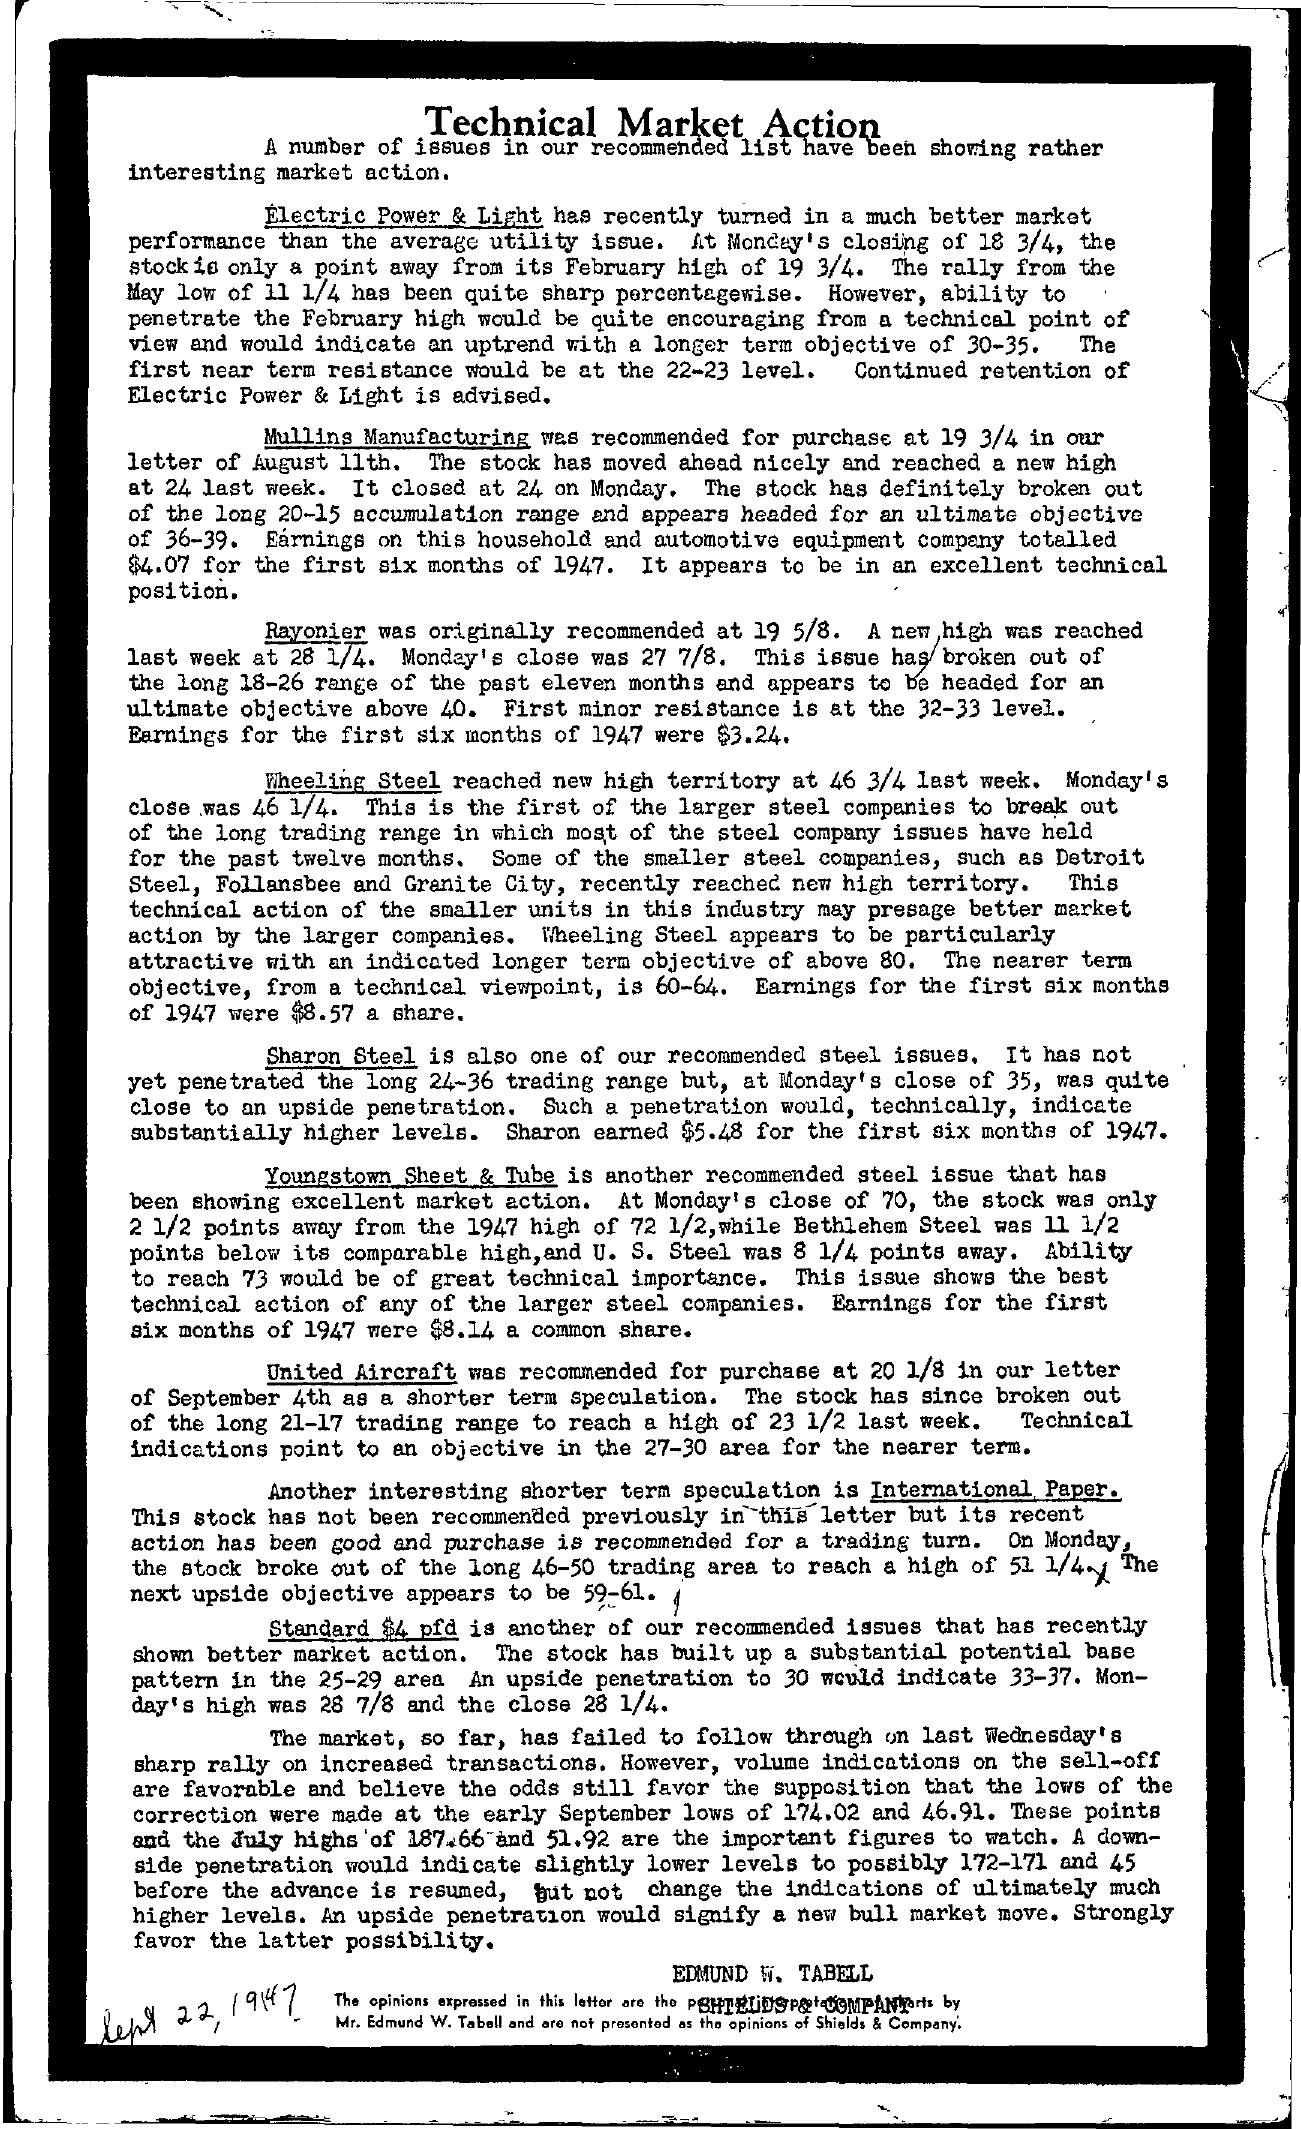 Tabell's Market Letter - September 22, 1947